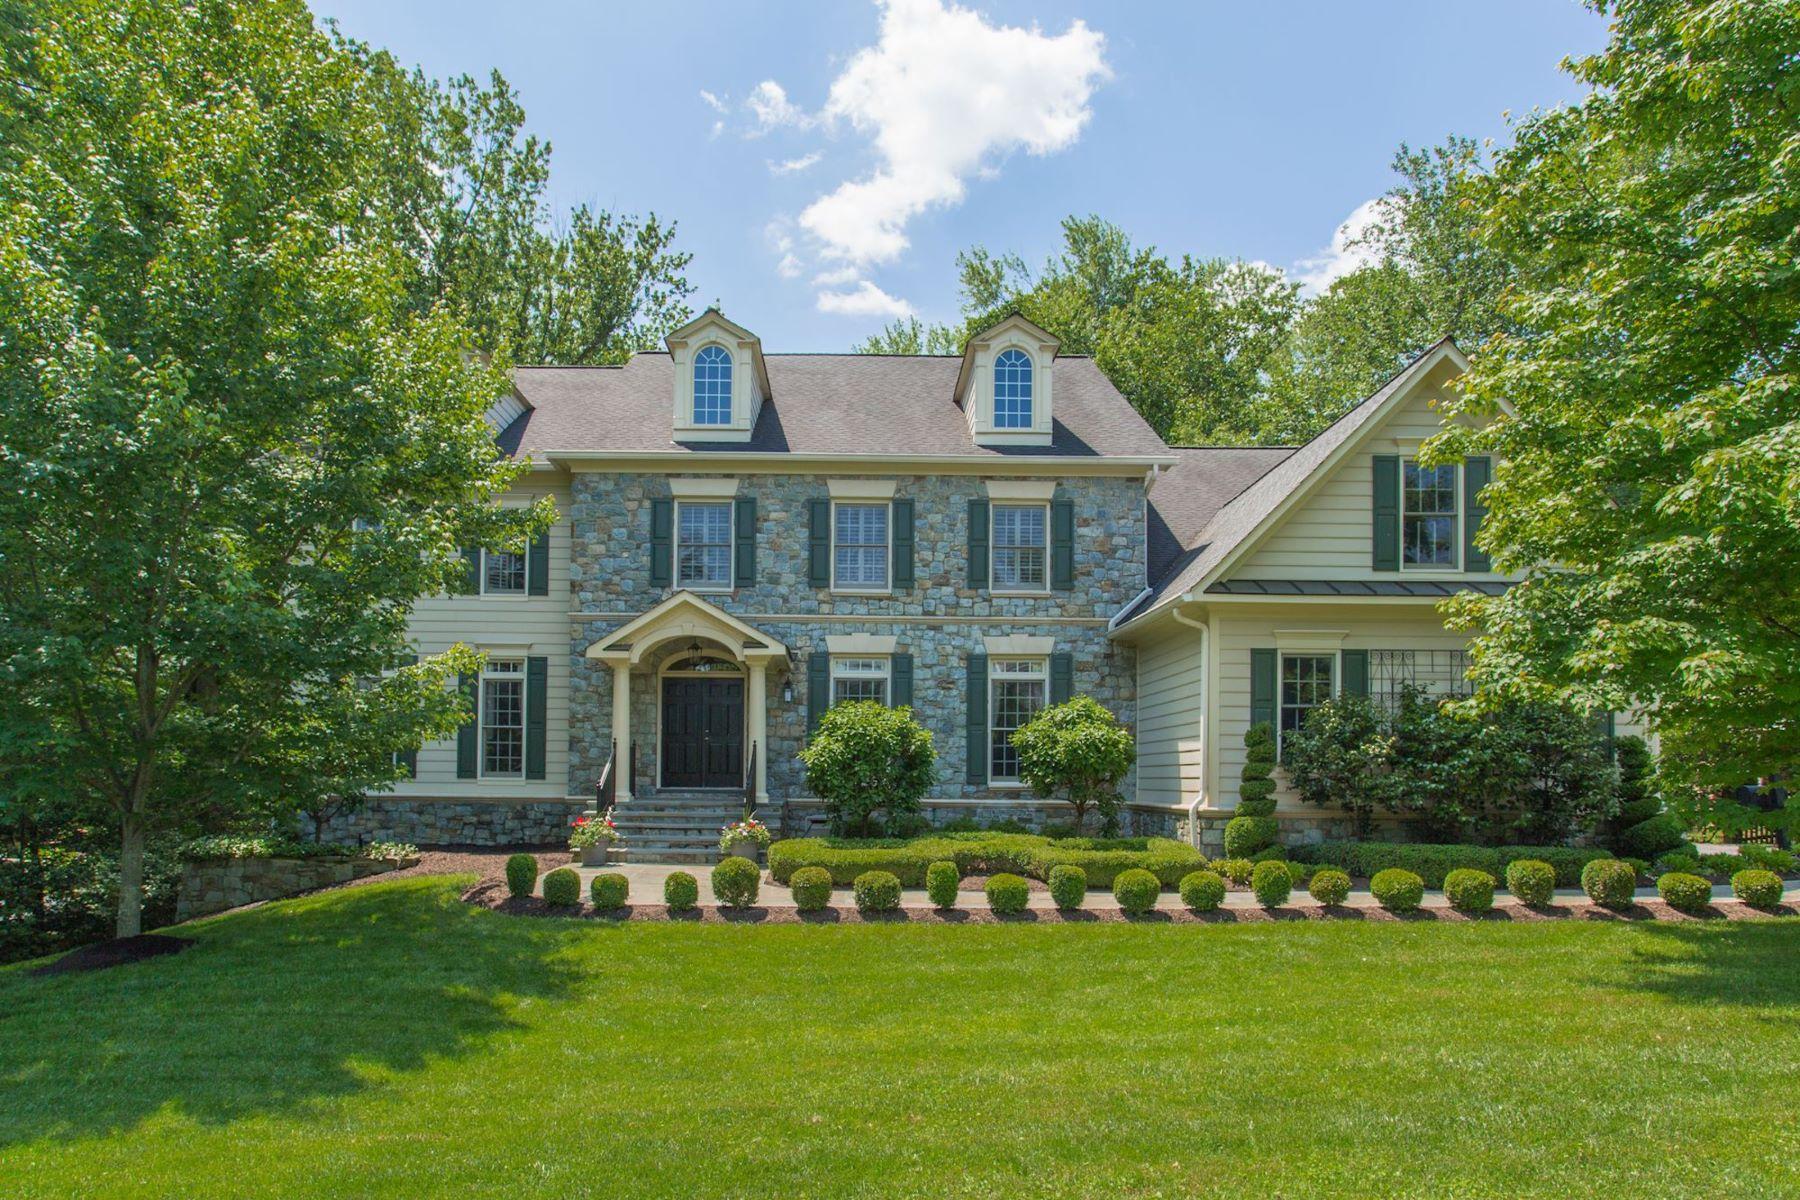 Einfamilienhaus für Verkauf beim 7205 Capitol View Drive, Mclean McLean, Virginia, 22101 Vereinigte Staaten